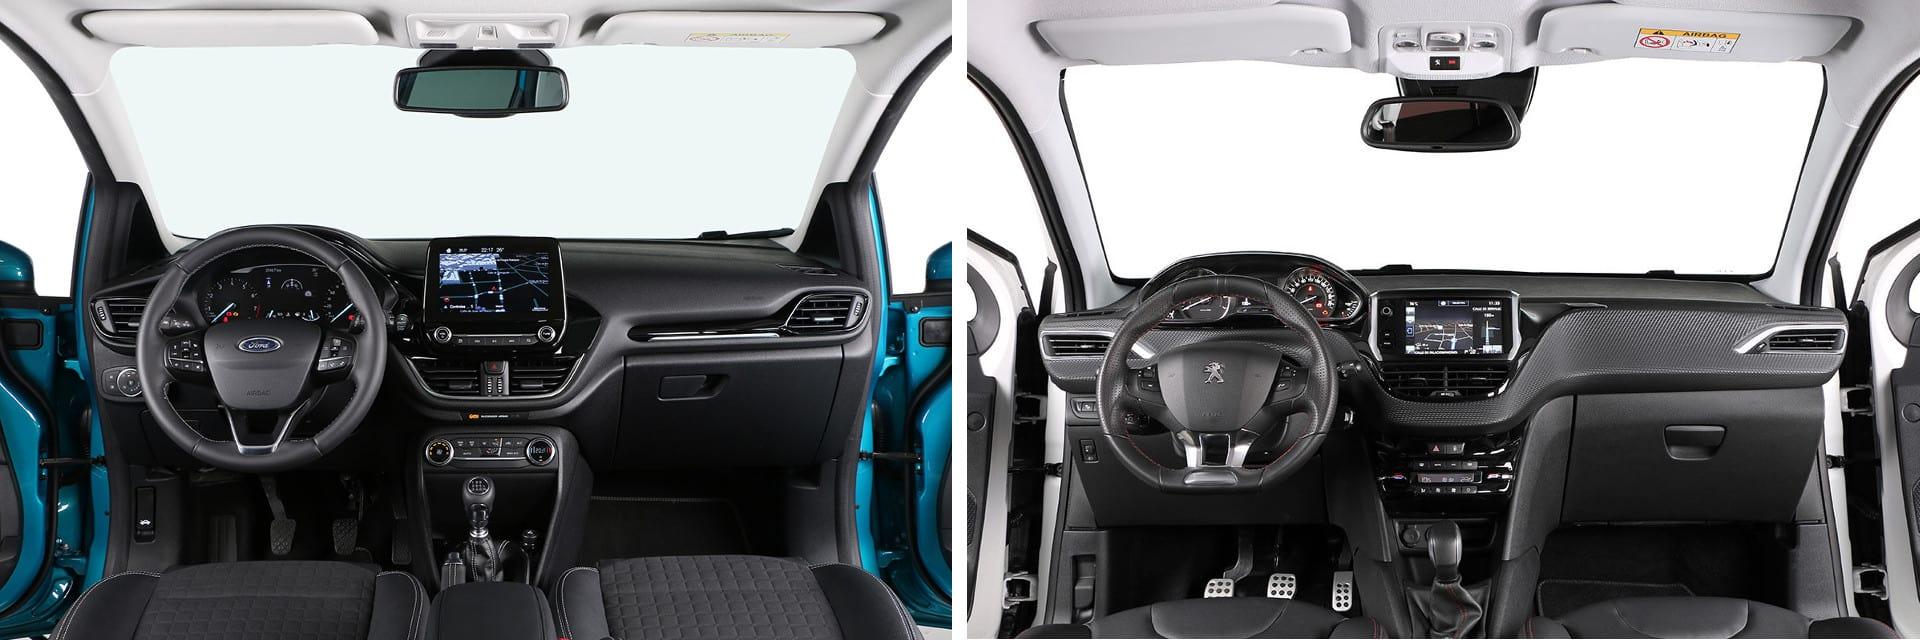 Los materiales del interior del Peugeot 208 (derecha) son de mayor calidad que los del Ford Fiesta (izquierda).